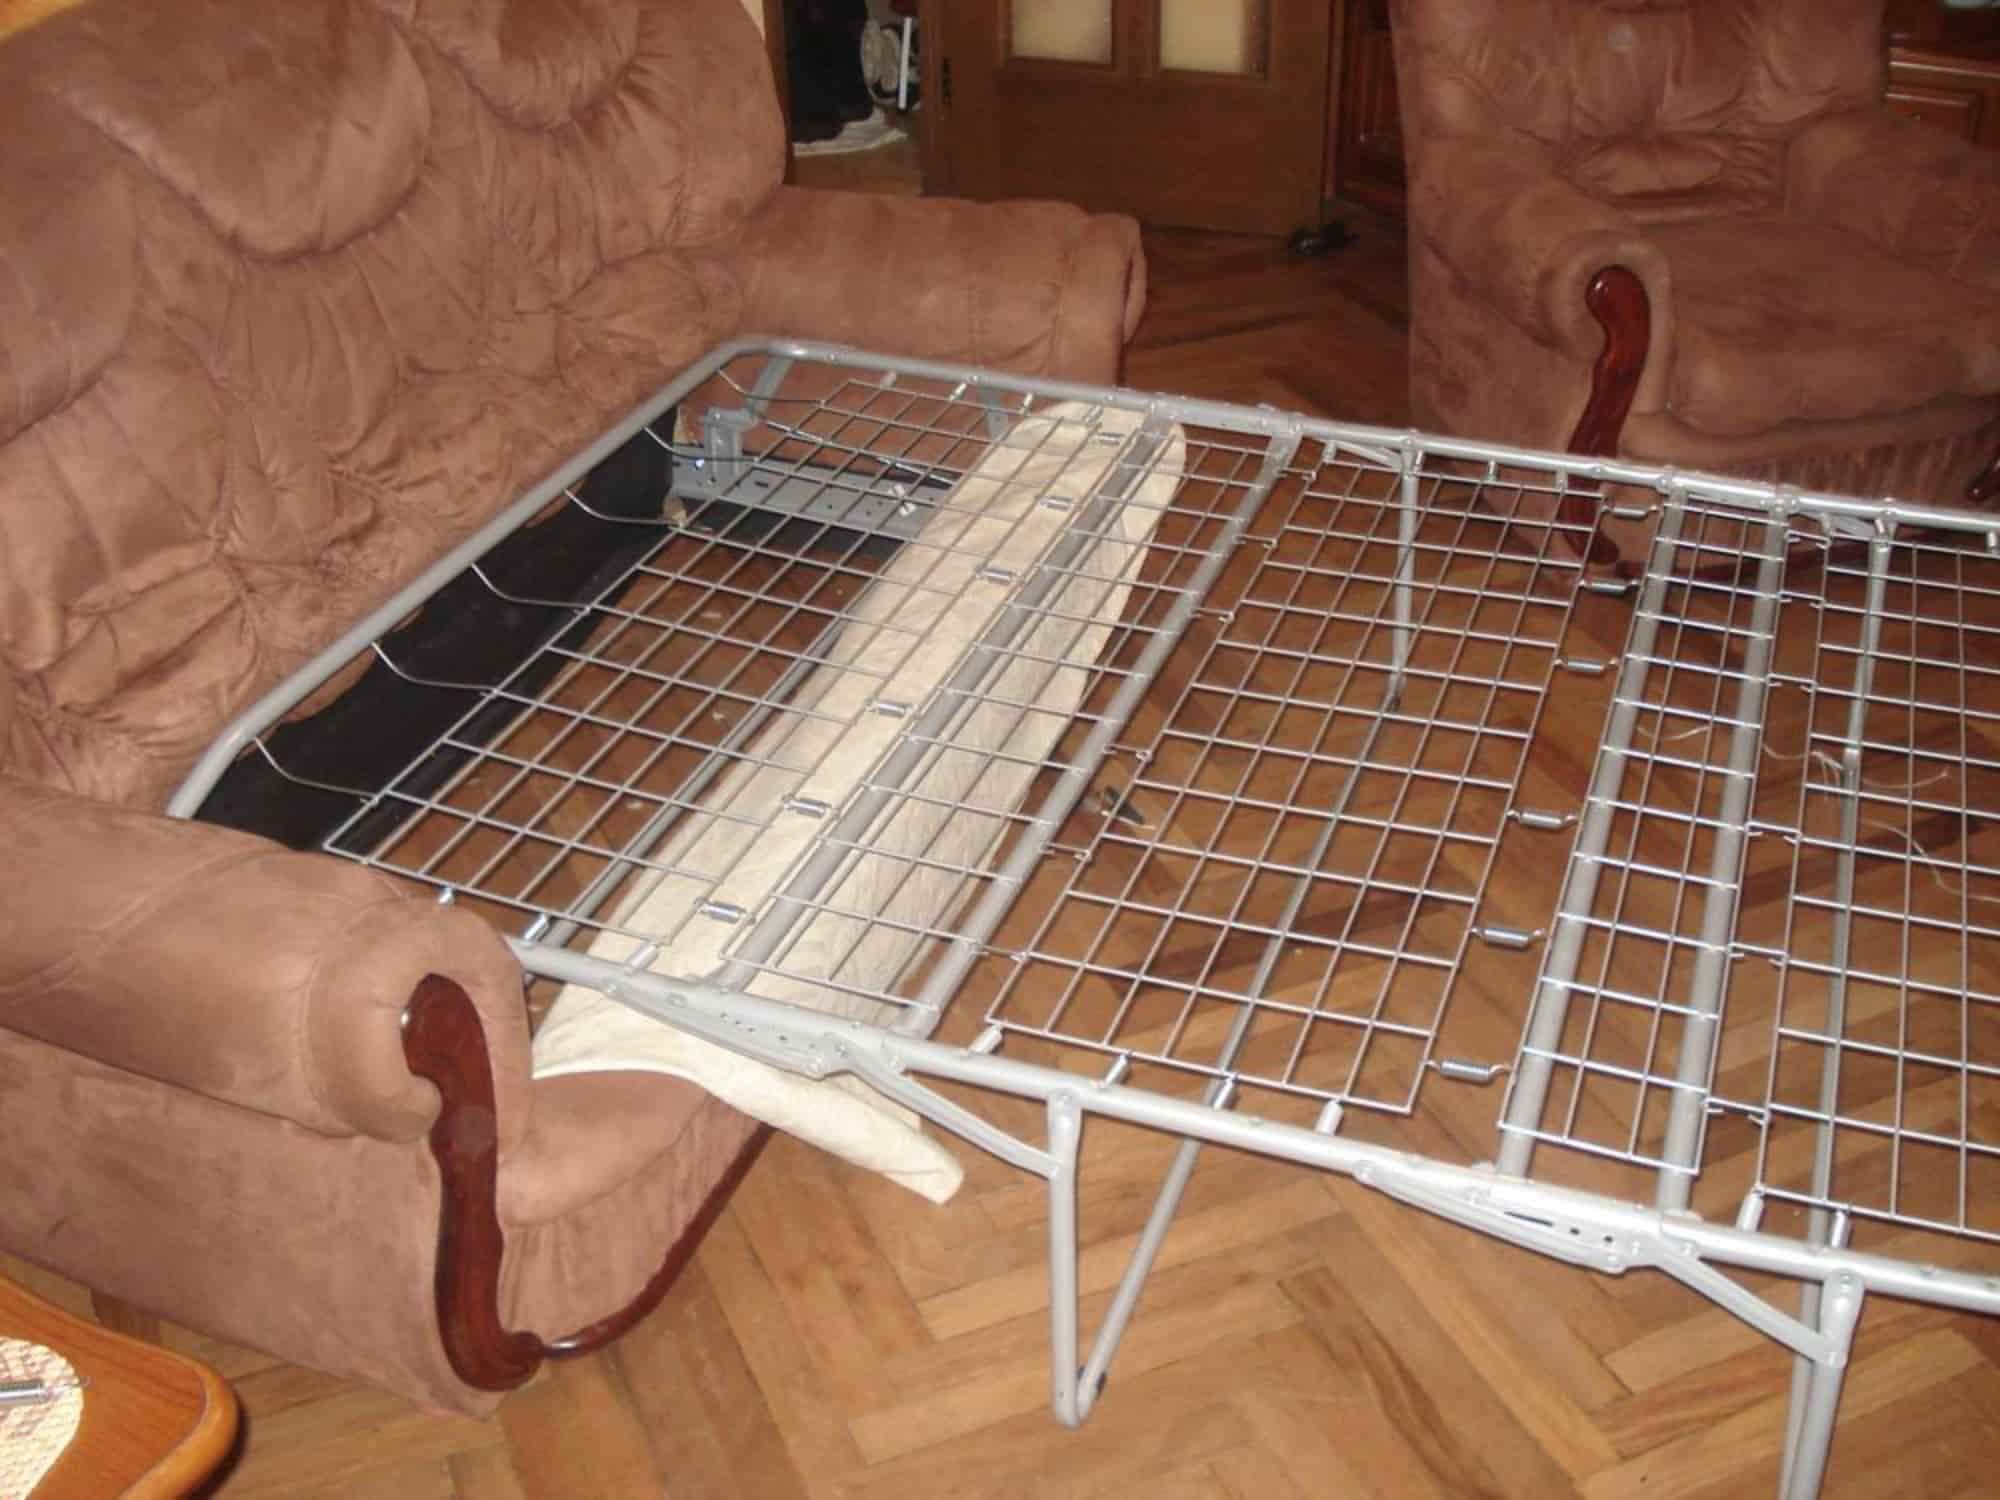 Замена гостевой французской раскладушки на механизм для ежедневного использования